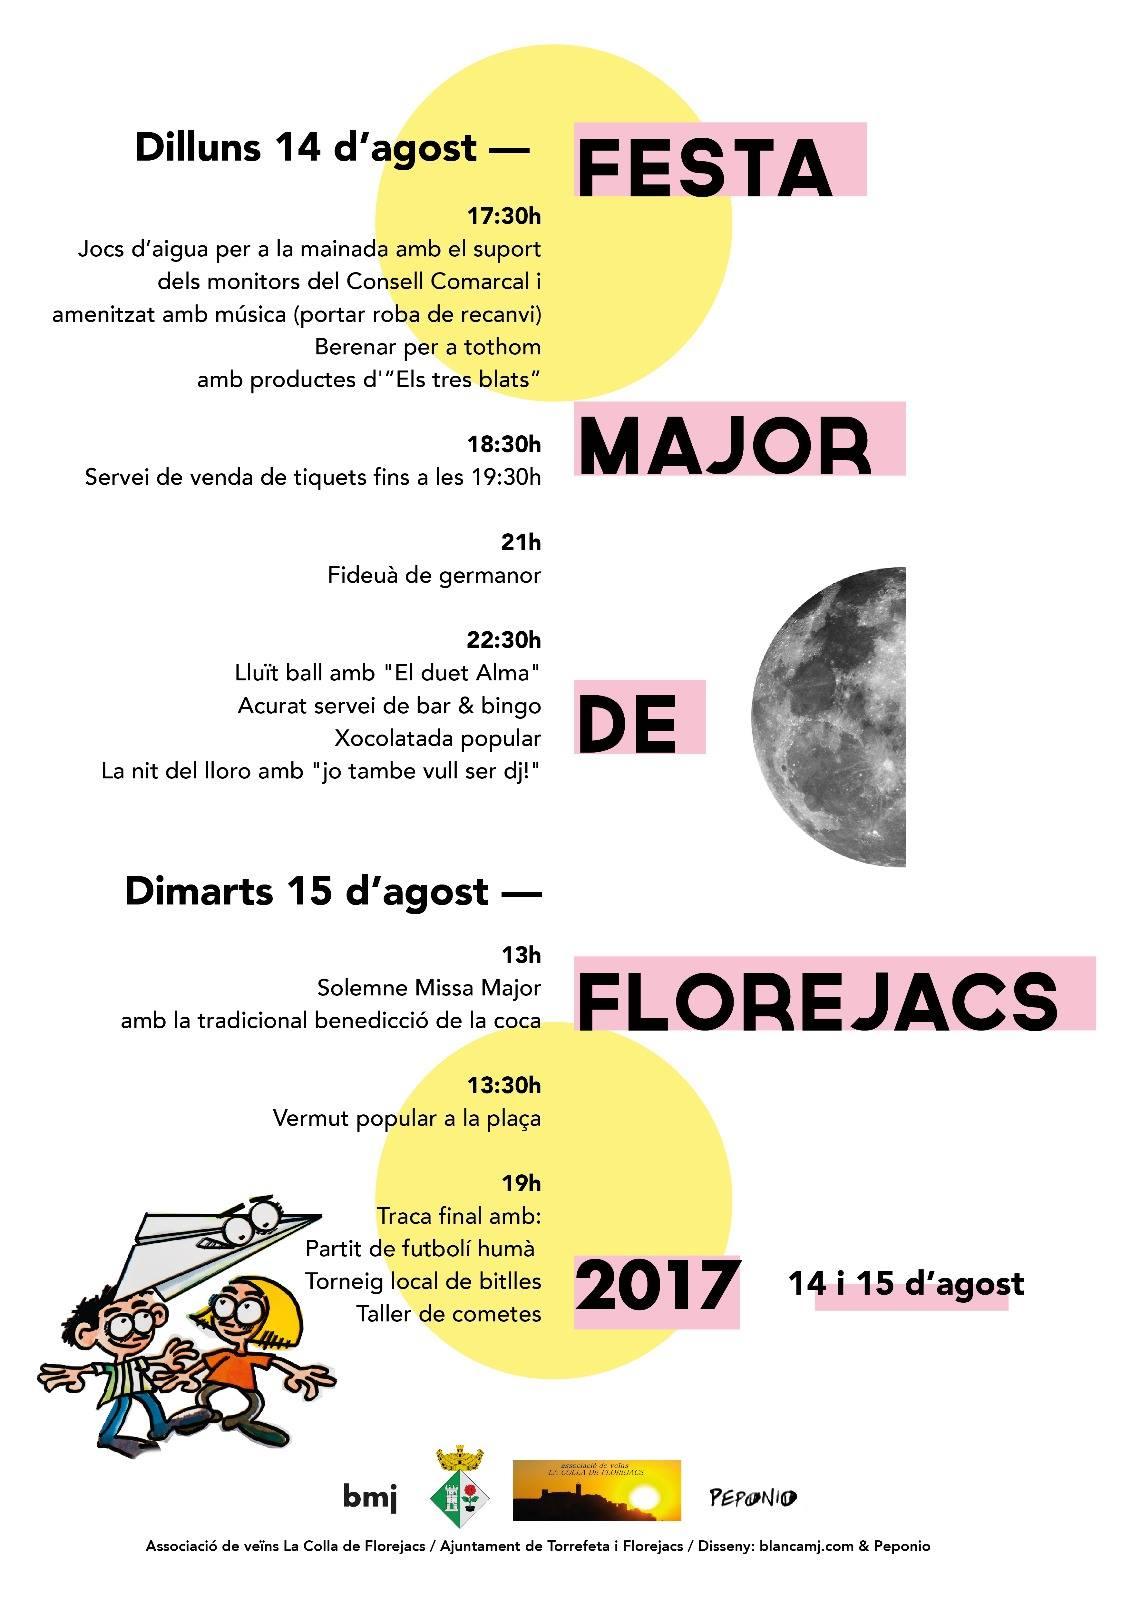 FM florejacs 2017